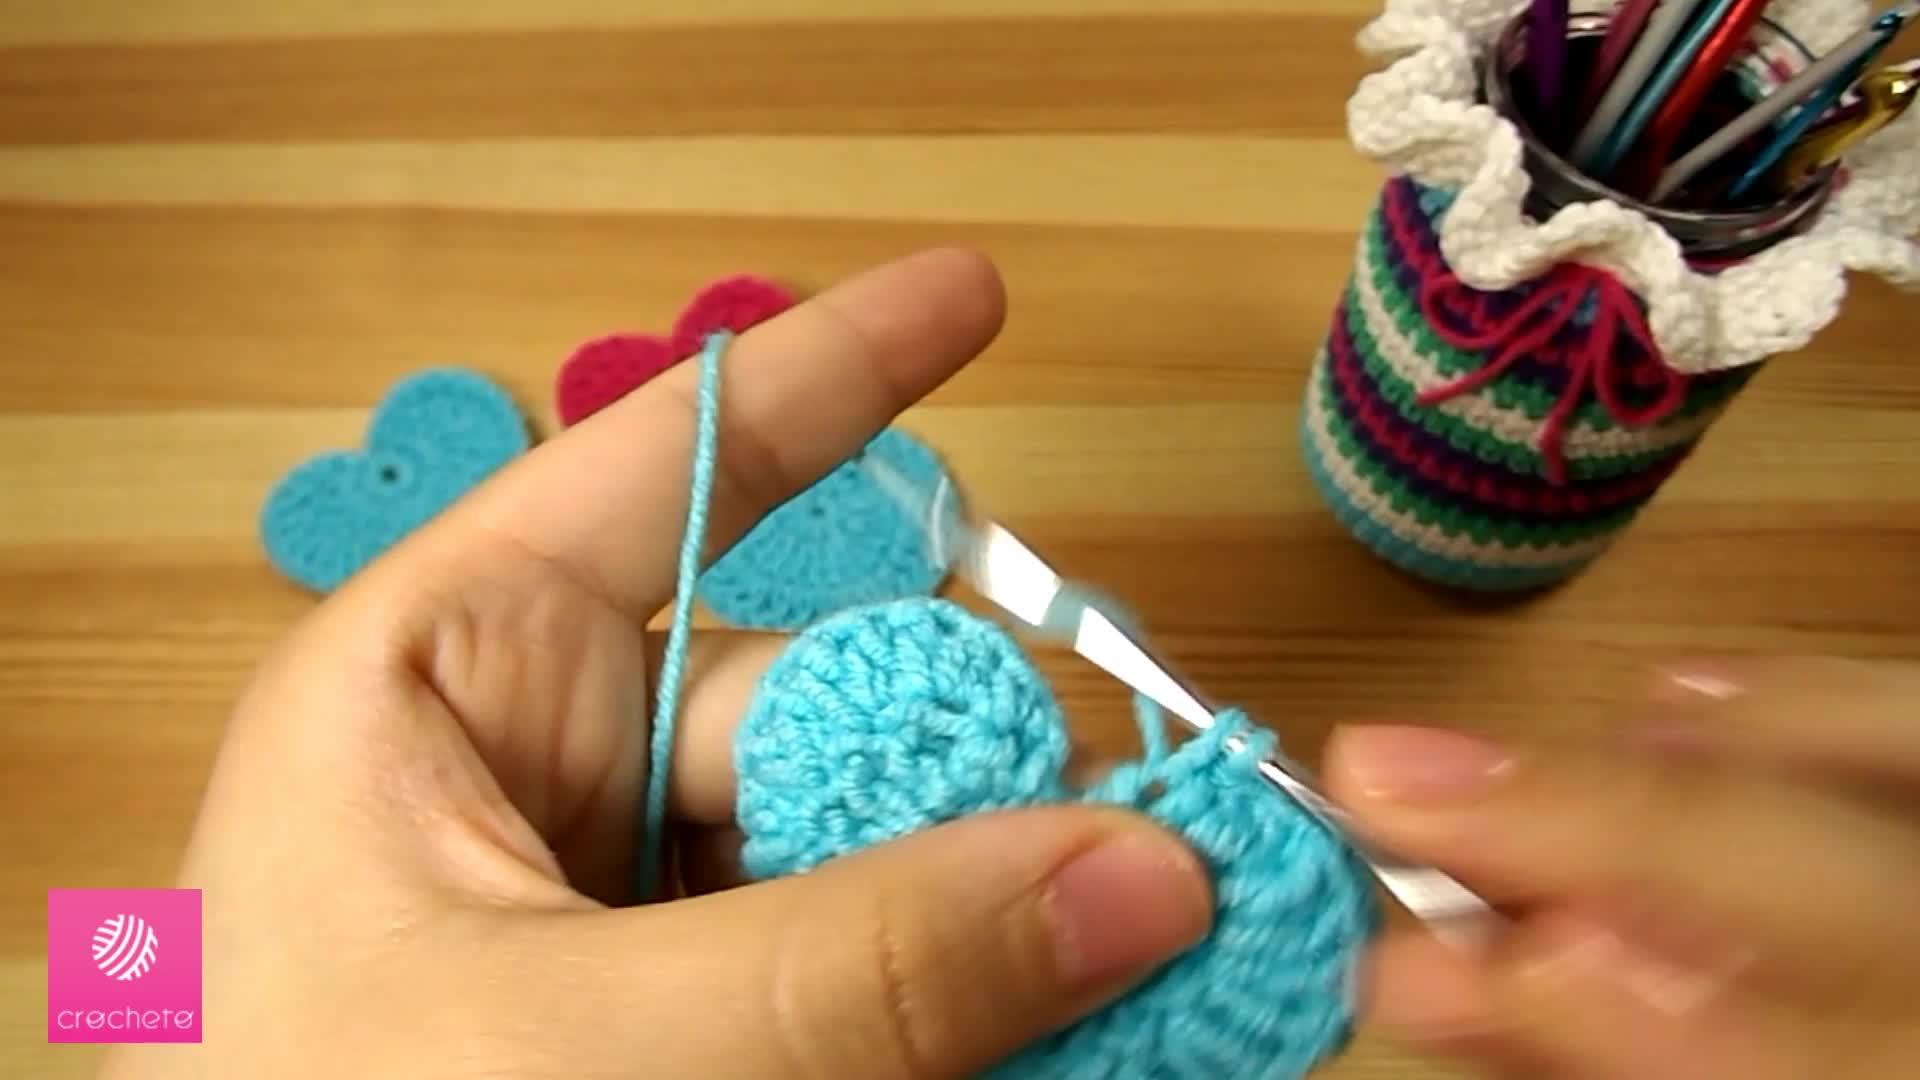 تعليم الكروشيه القلب البسيط Learn how to Crochet Simple Heart - Crochet heart pattern 9